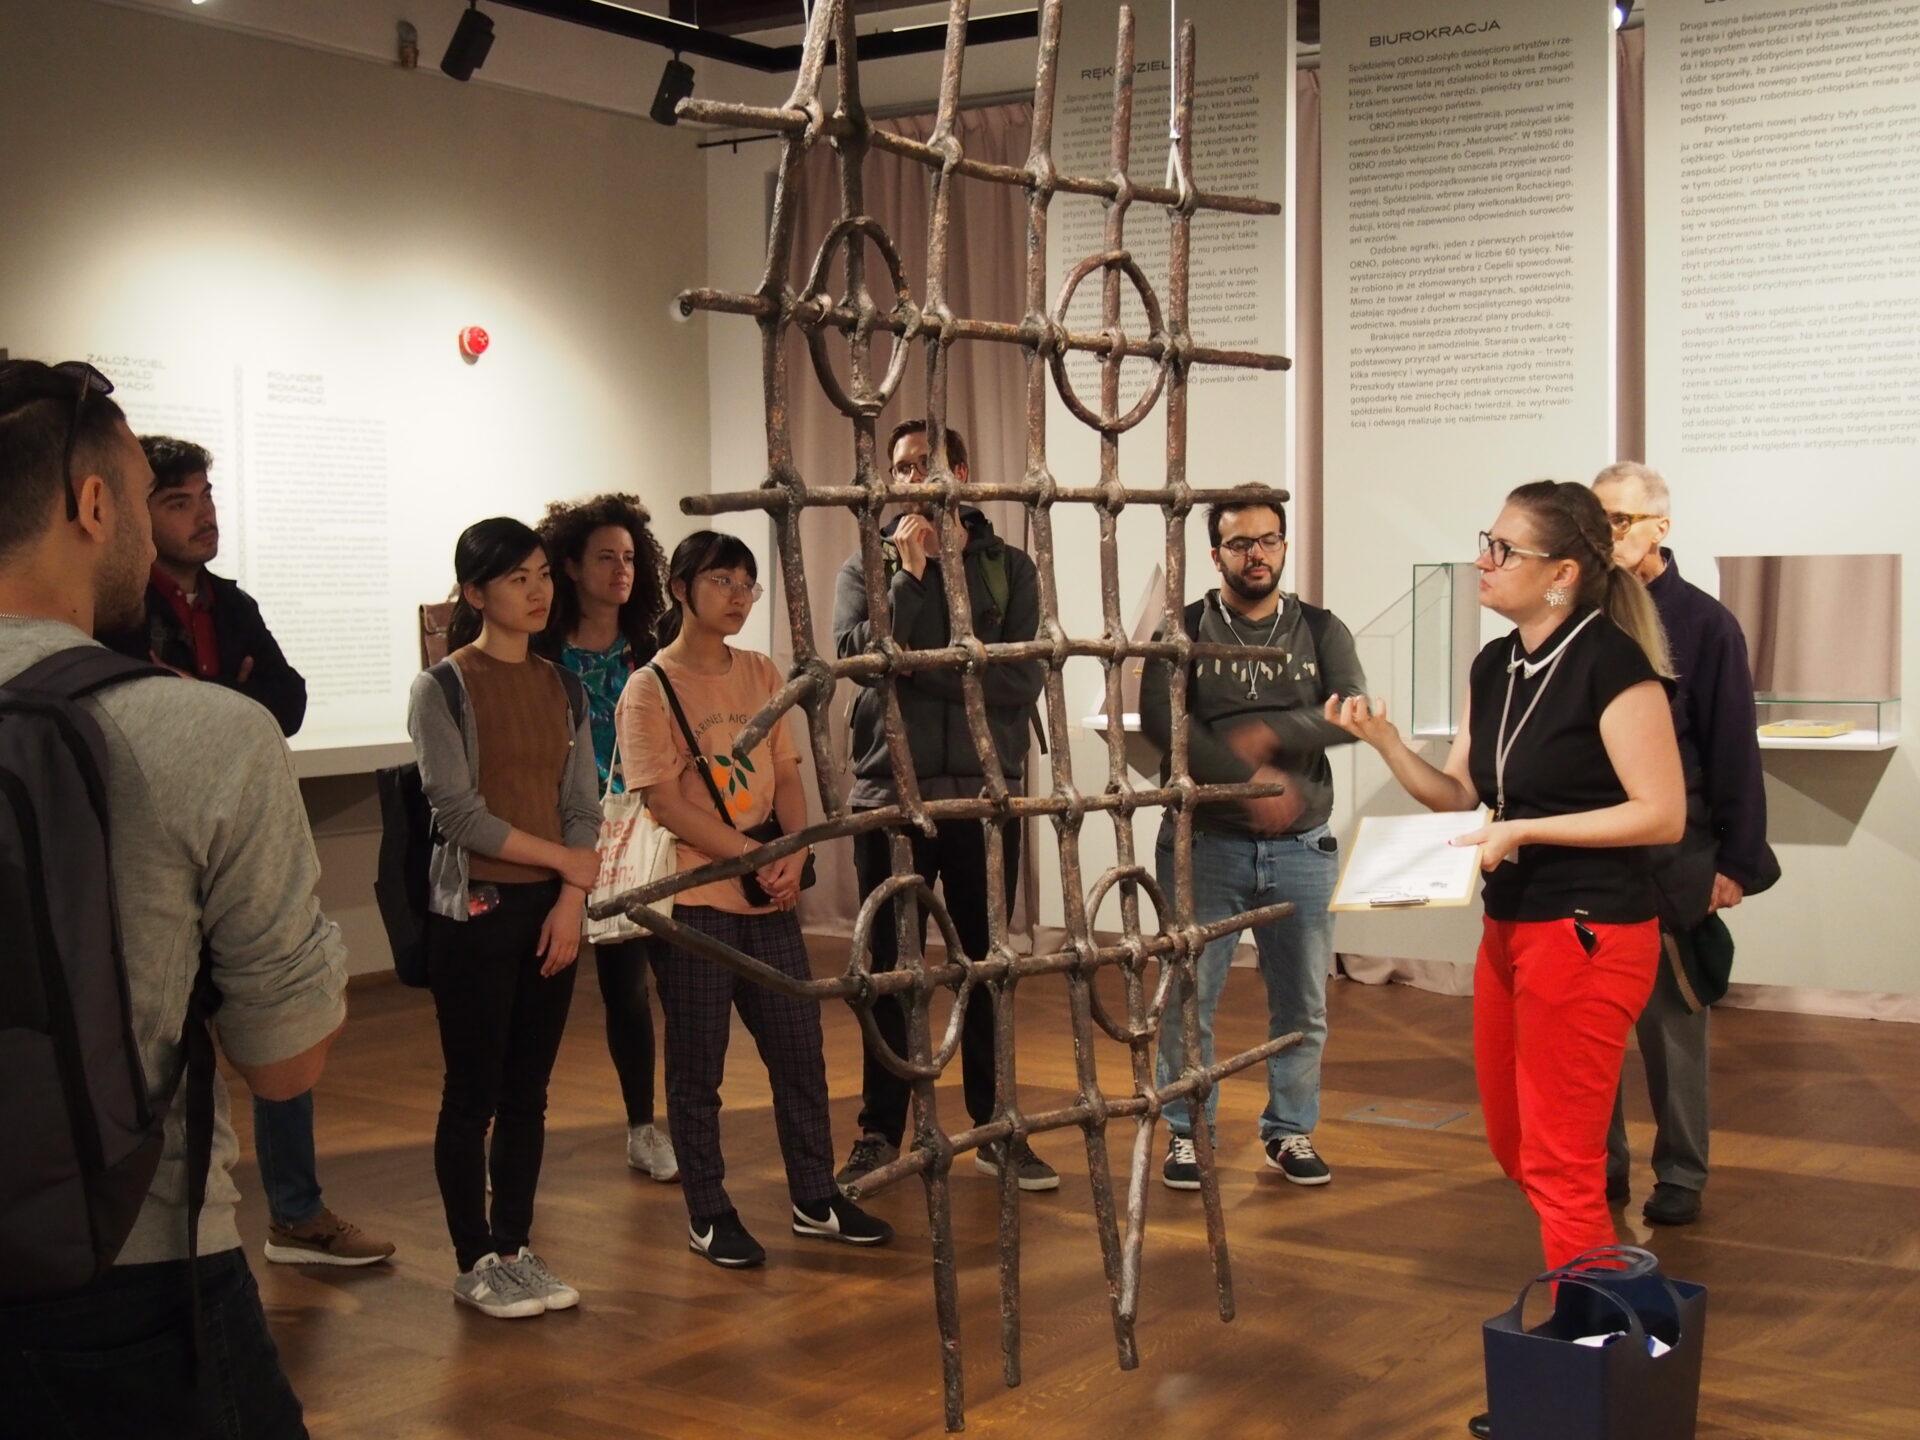 Zdjęcie. Ludzie wsali muzealnej słuchają oprowadzającej.